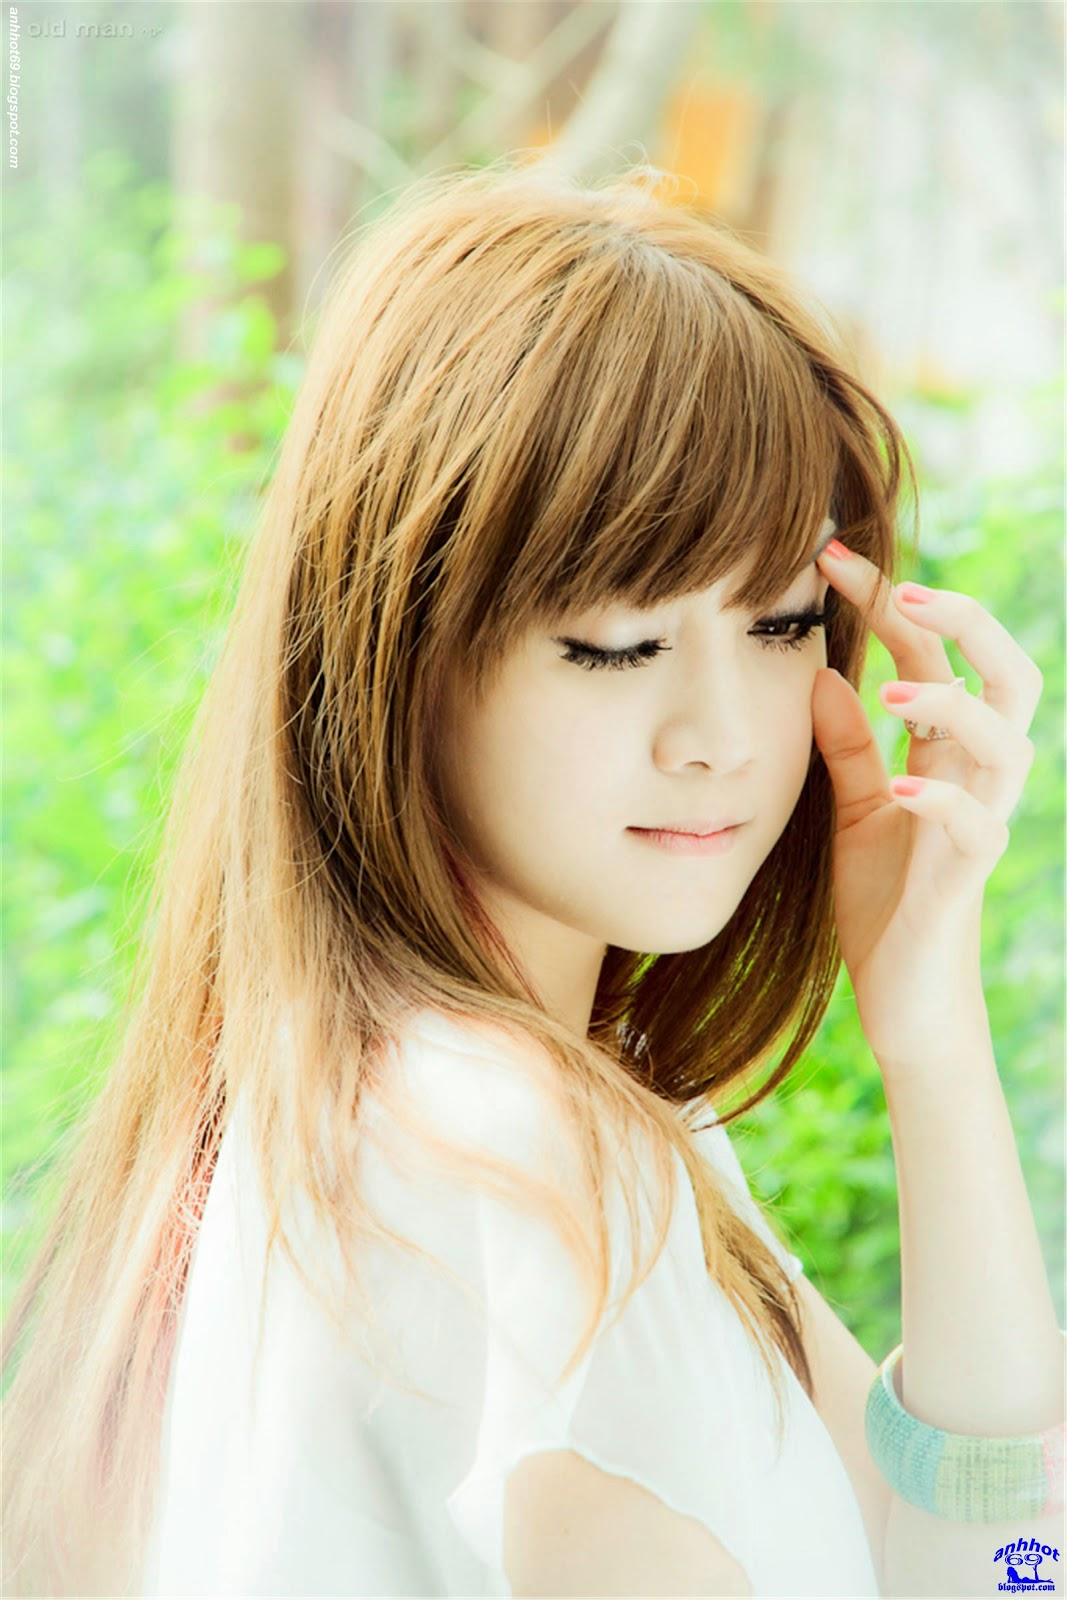 [Sugar Girl-1505062350] - Hương sắc Đài Loan